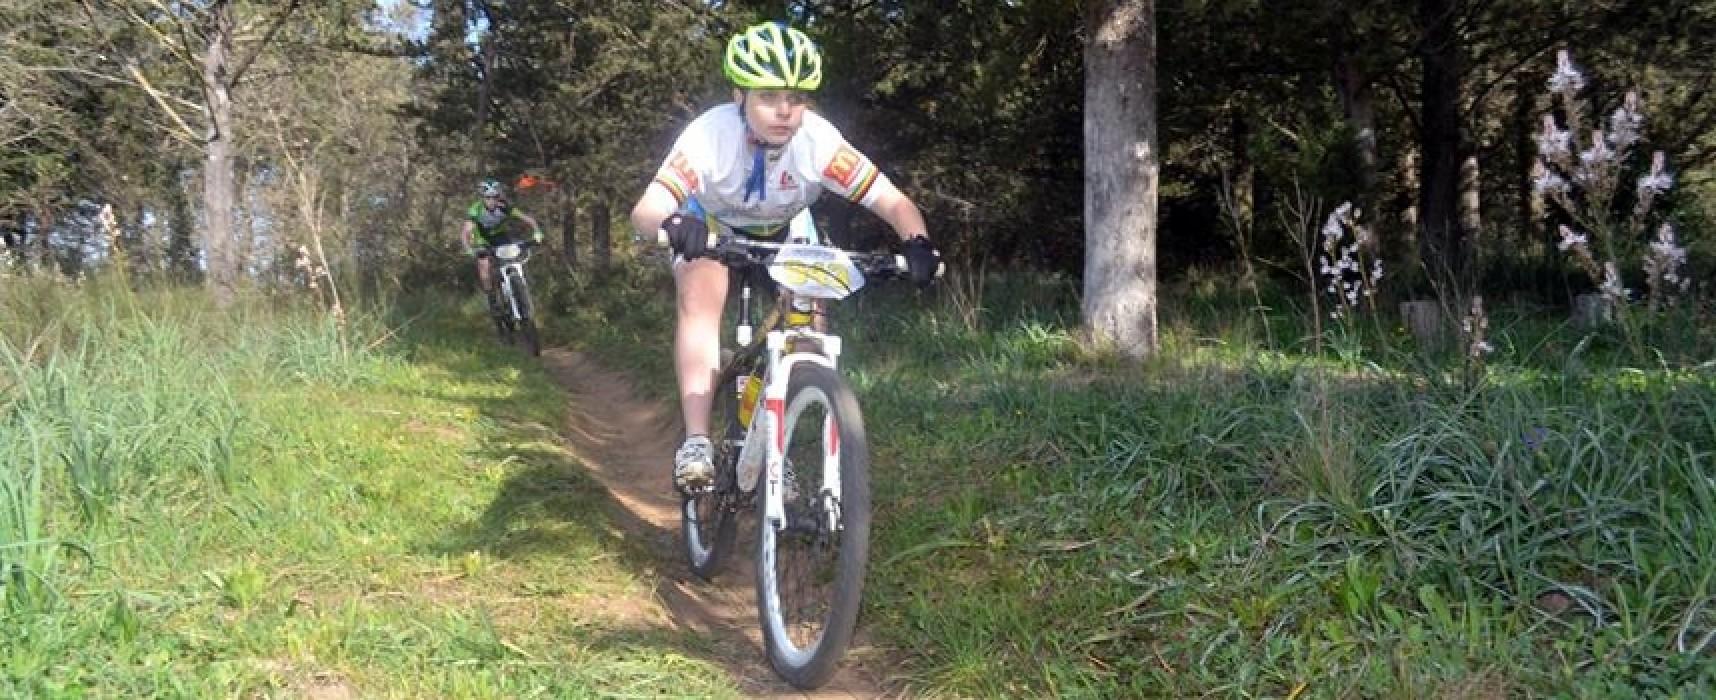 La Gaetano Cavallaro ben figura nella prima edizione del trofeo Grottaglie Bike School Fantiano